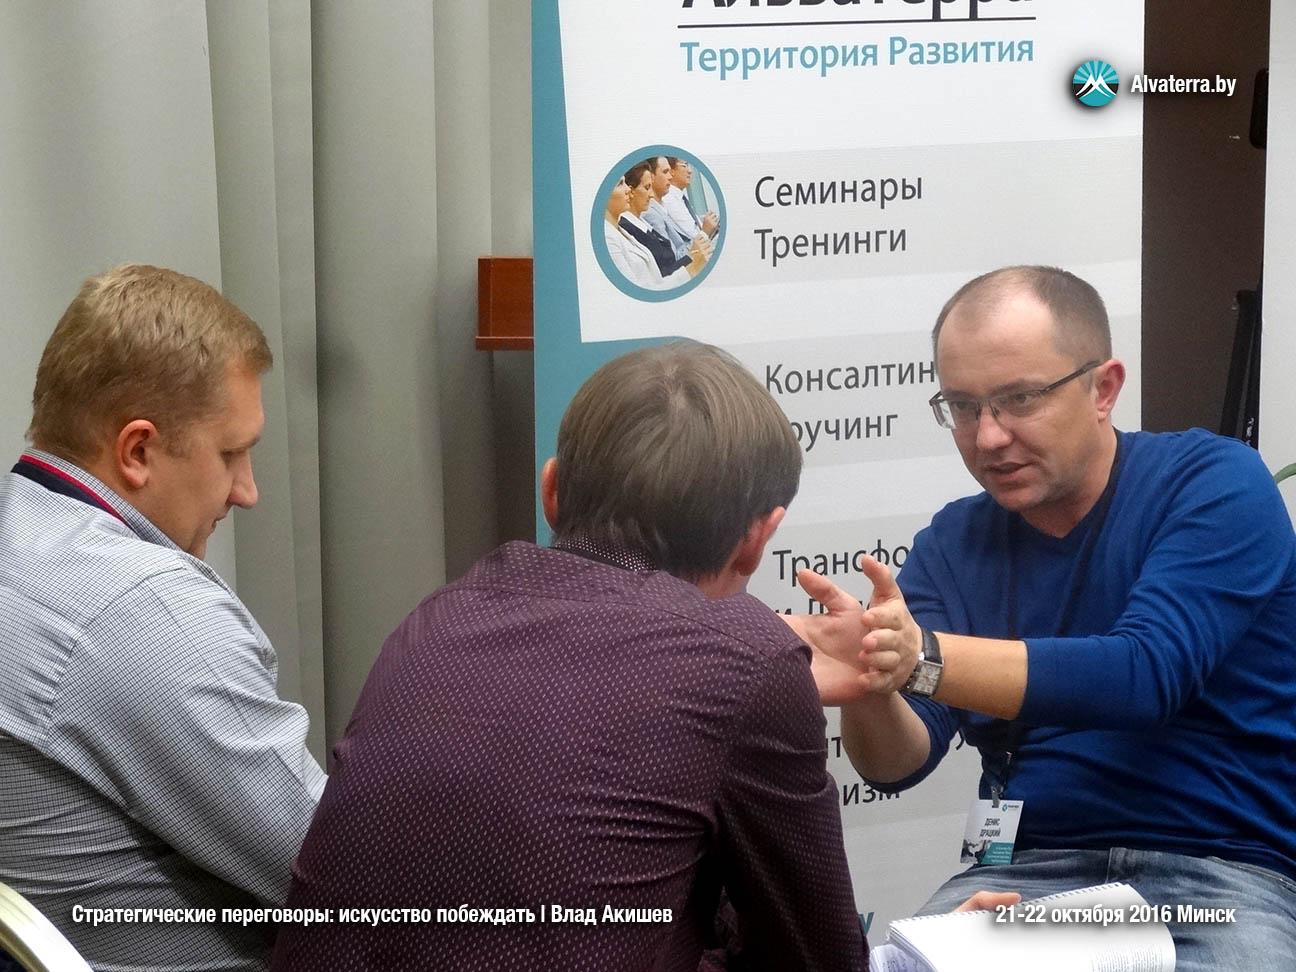 Влад Акишев в Минске